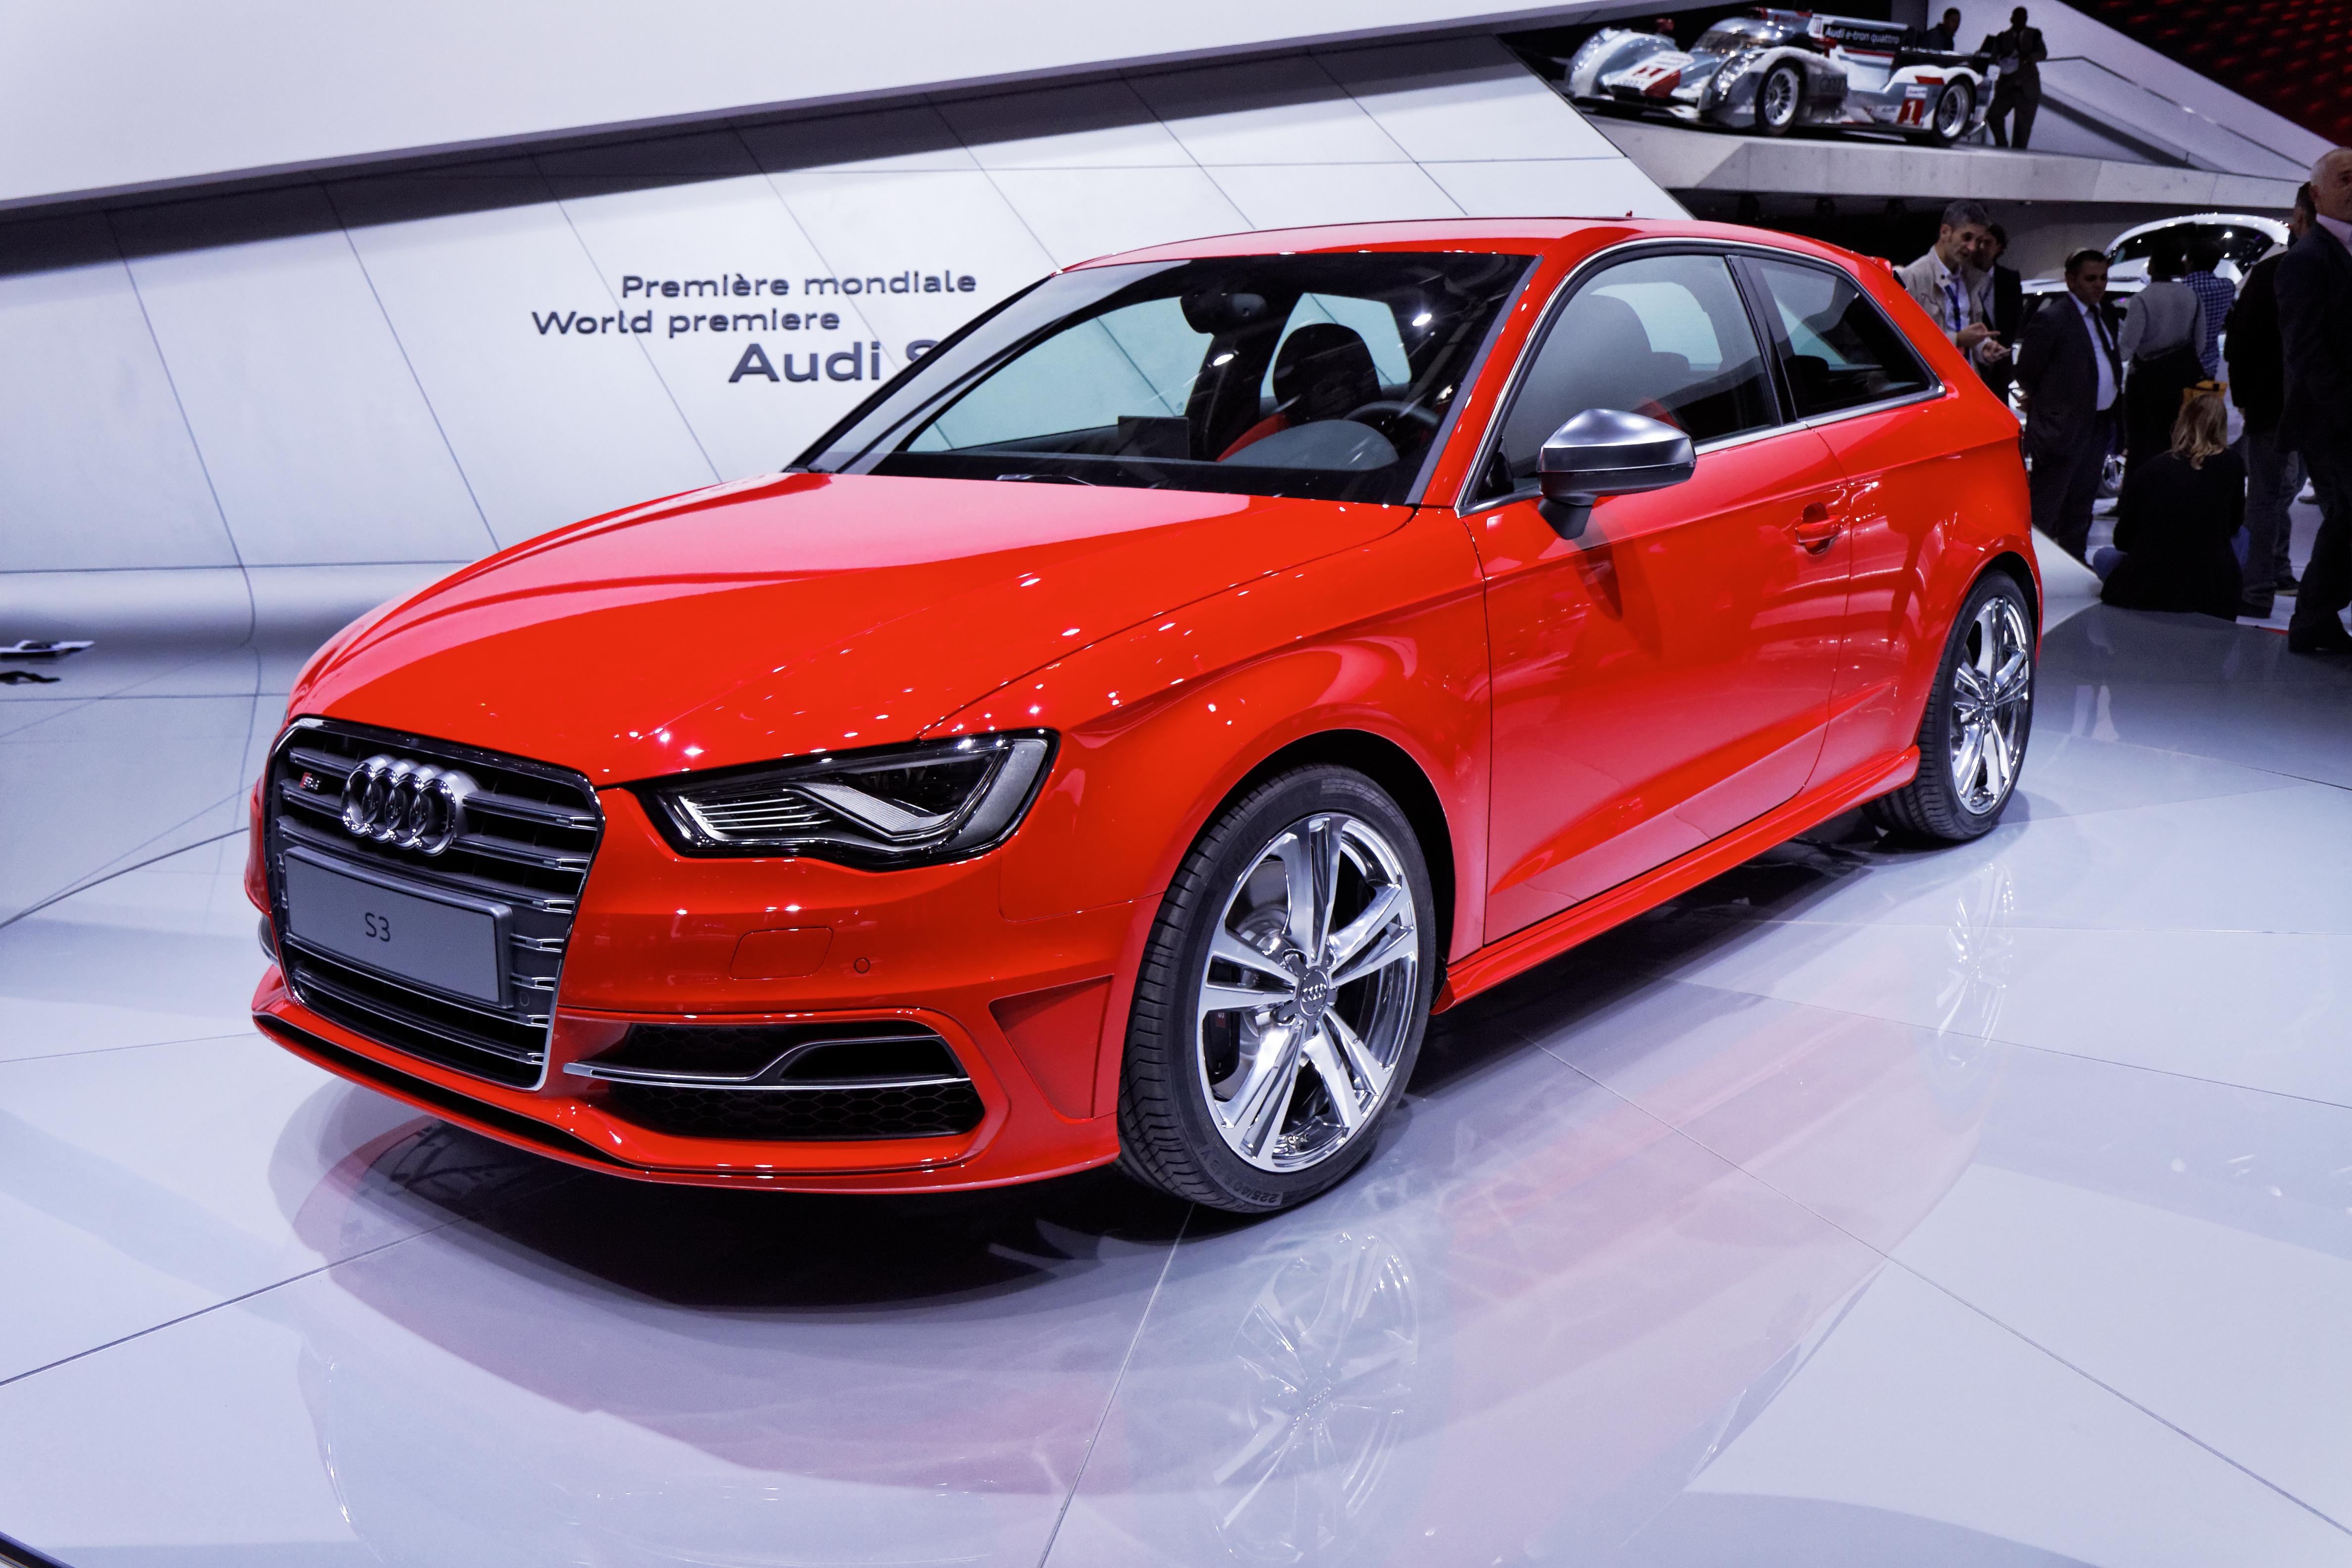 Kelebihan Kekurangan Audi S3 2012 Spesifikasi